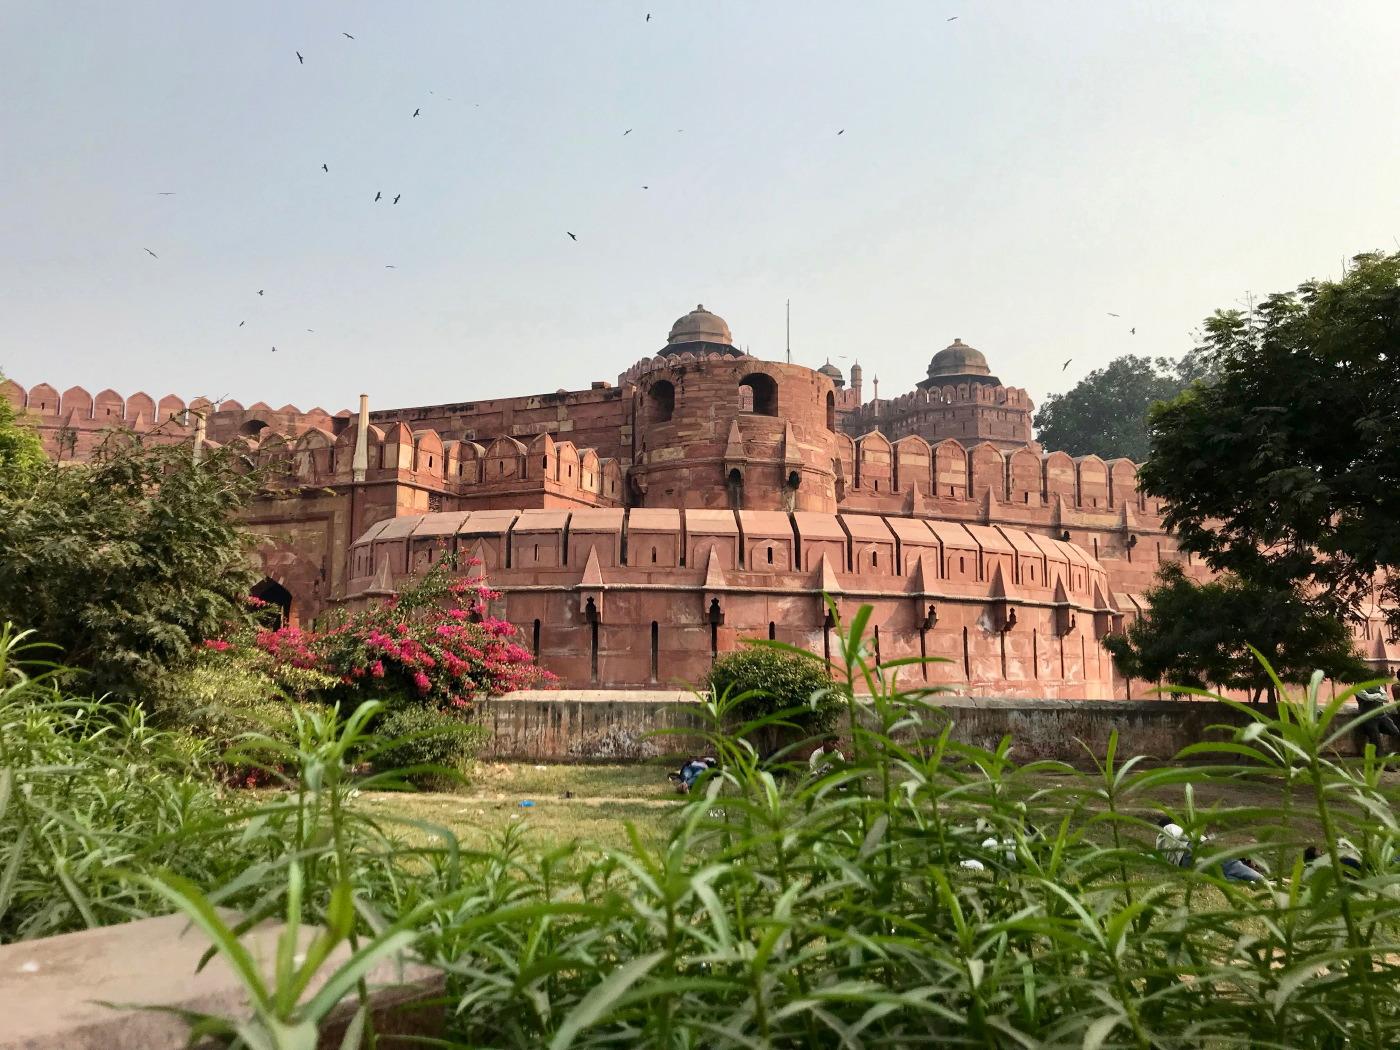 Agra (21 au 23 novembre)_2.JPG